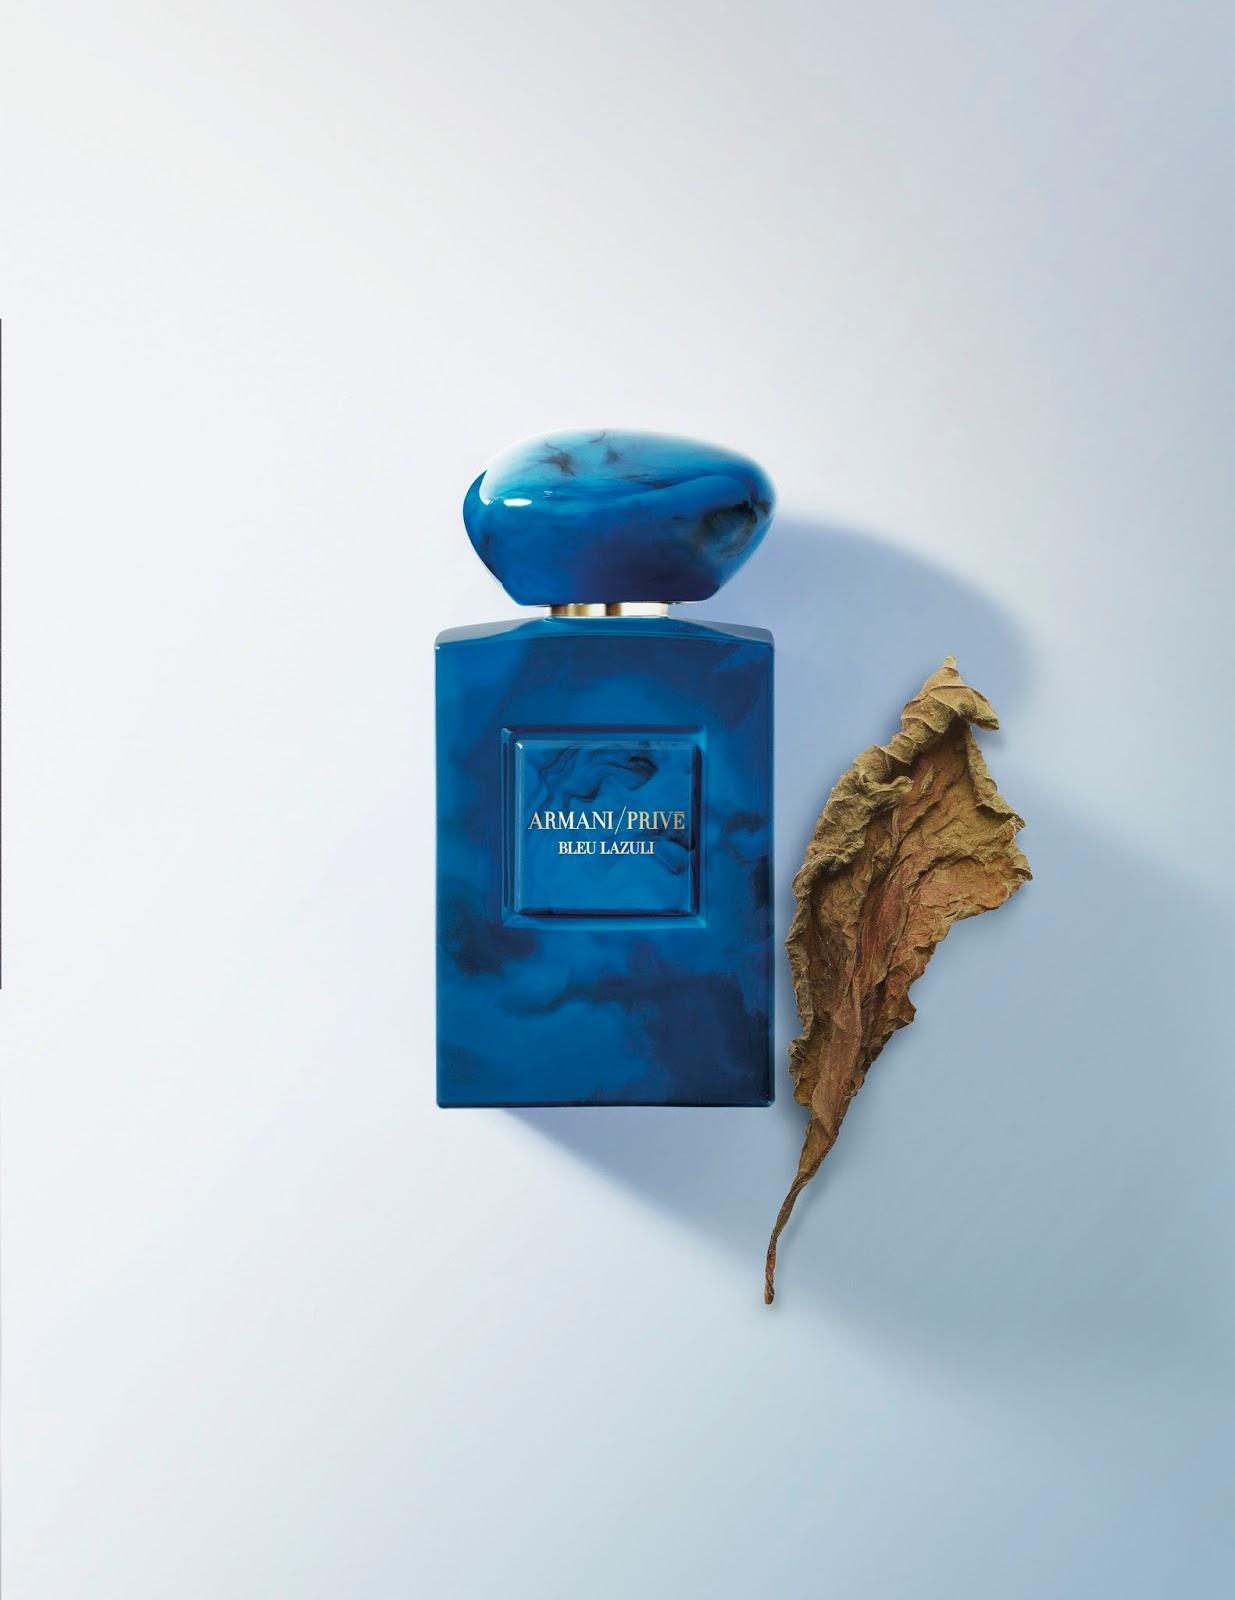 Armani Terre Collection Les Bleus PriveLa S'agrandit Précieuse Avec 354RjLAcq